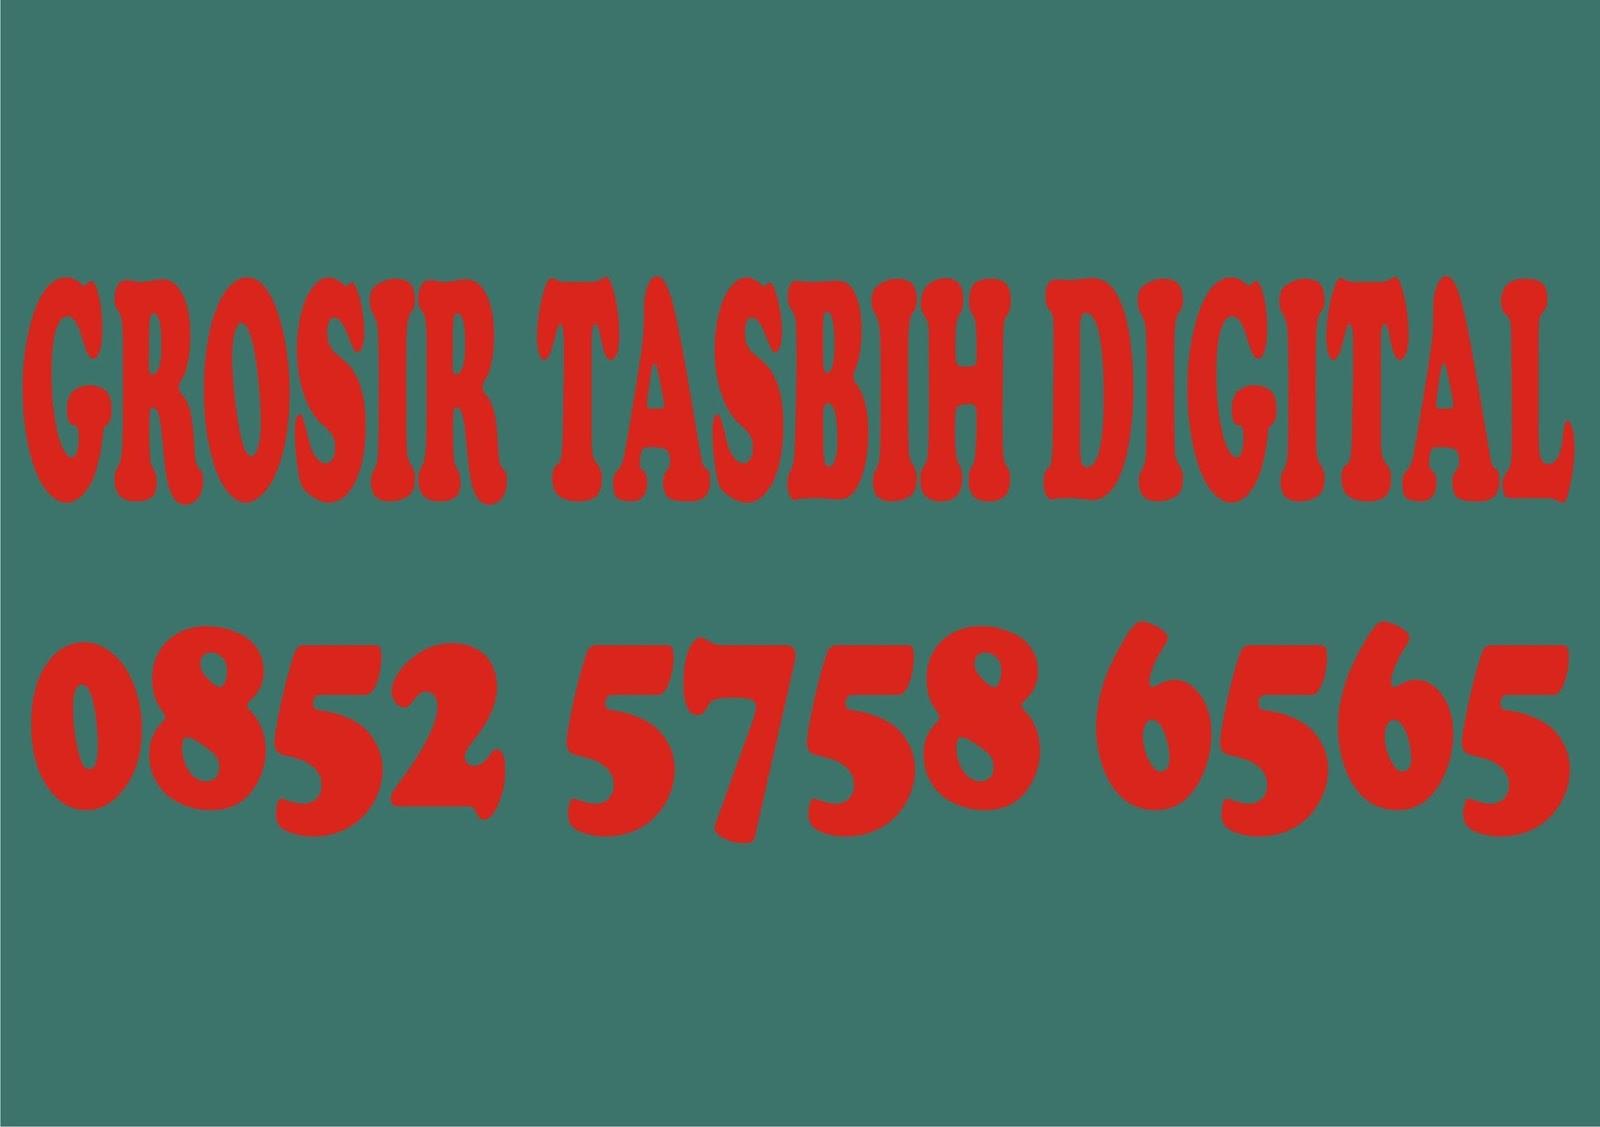 Barang Grosir Barang Grosir Murah Barang Harga Grosir 0852 5758